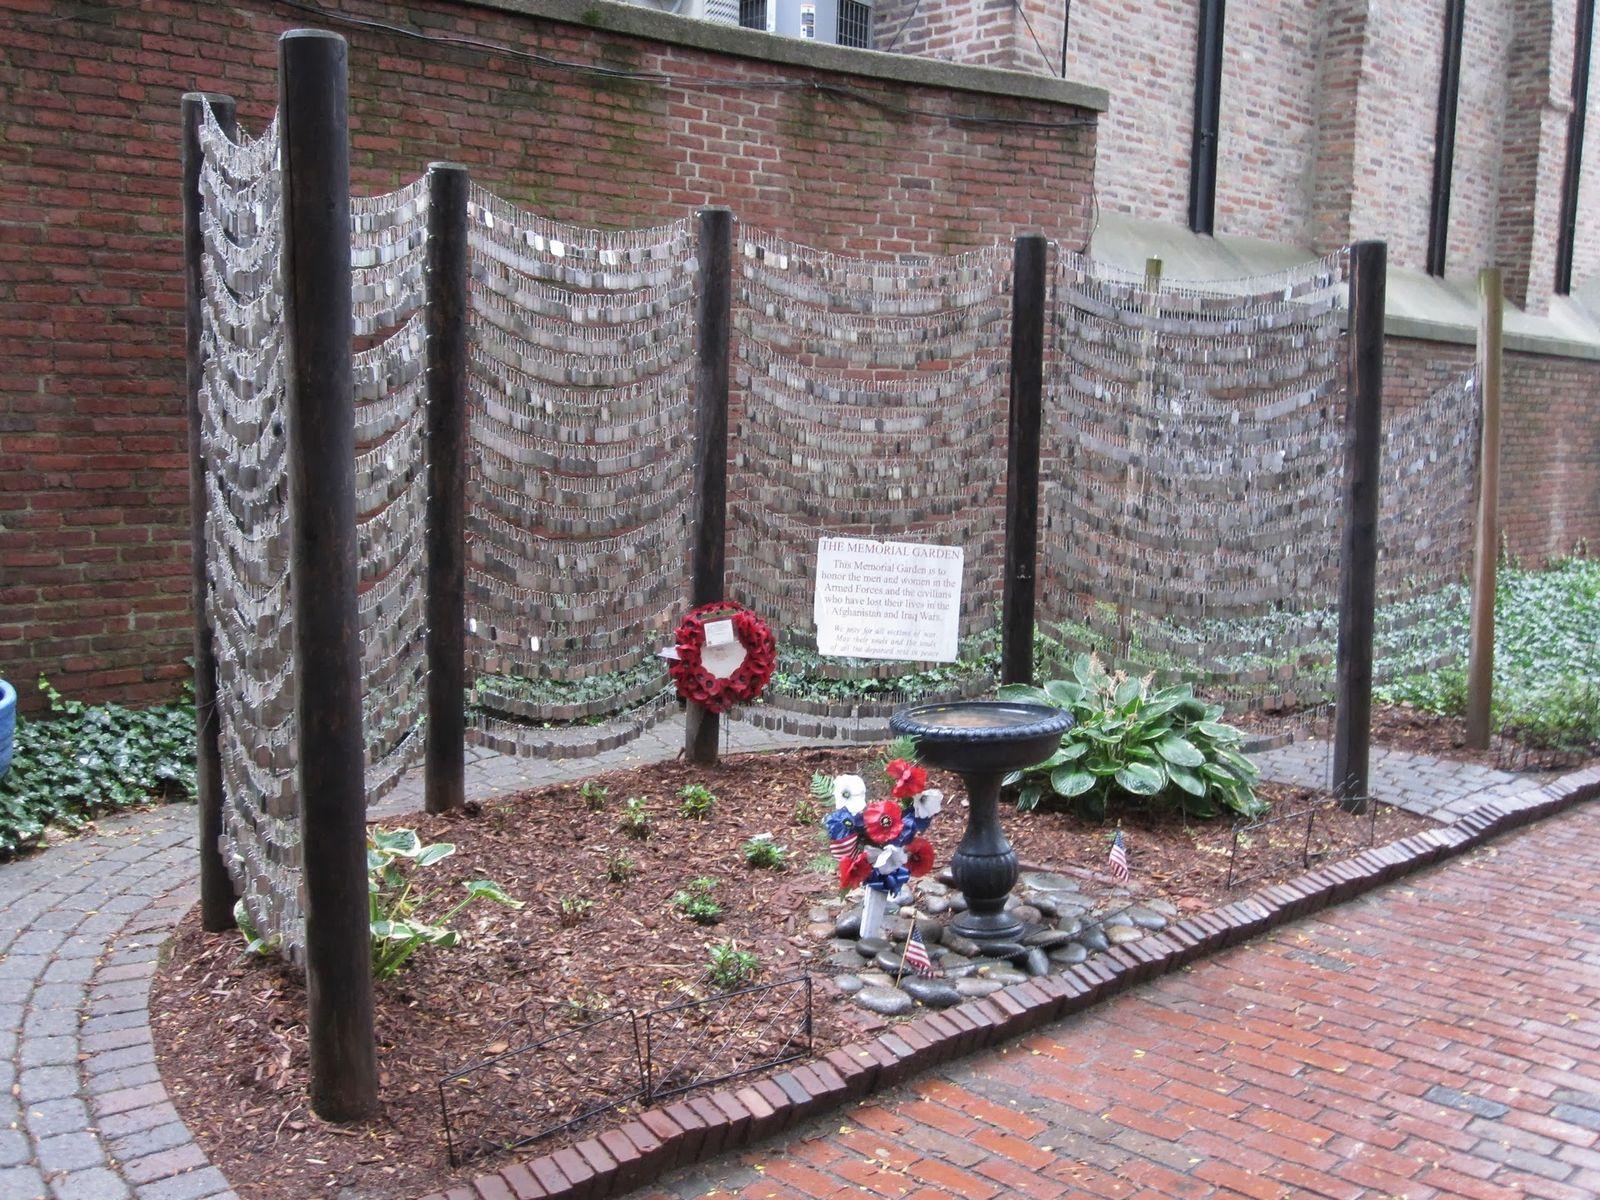 En memoria de los soldados caídos en Iraq y Afganistán